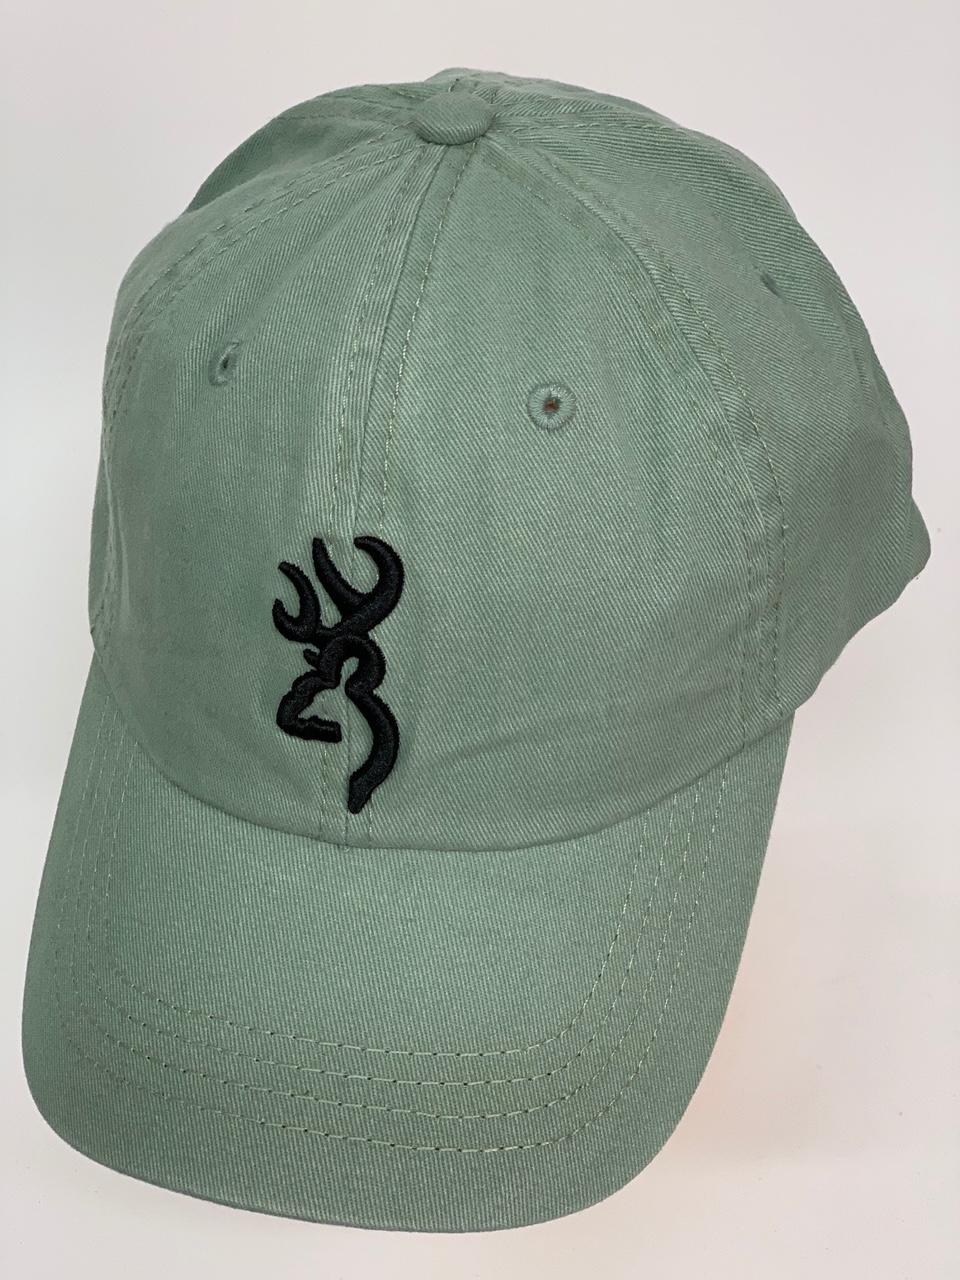 Бейсболка Browning светло-оливкового цвета с темной вышивкой